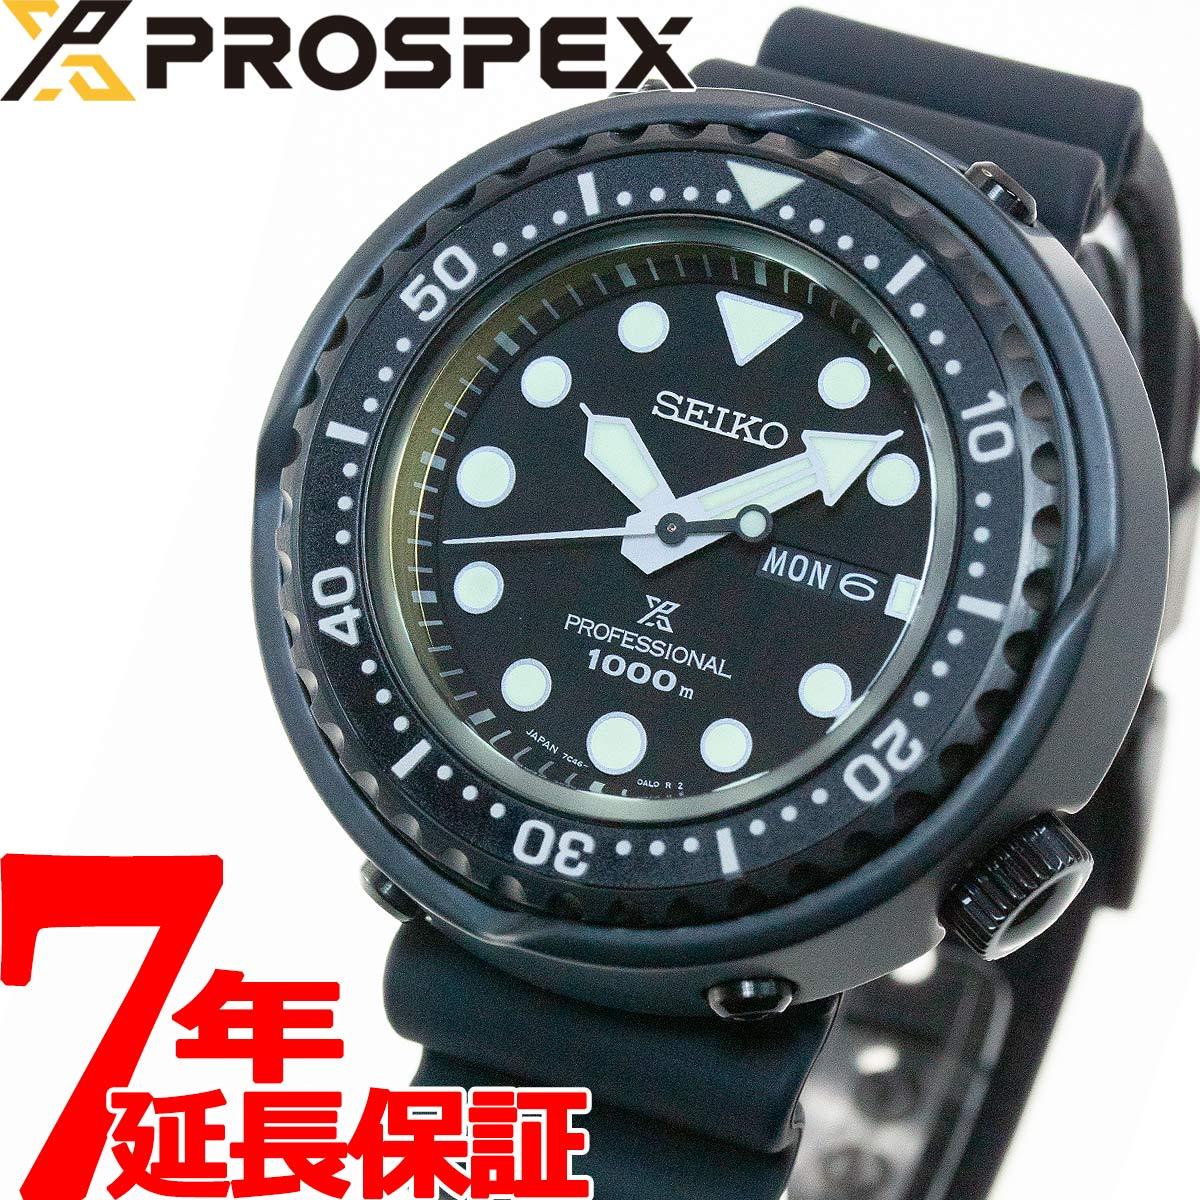 腕時計, メンズ腕時計 18037182359 SEIKO PROSPEX SBBN0472020